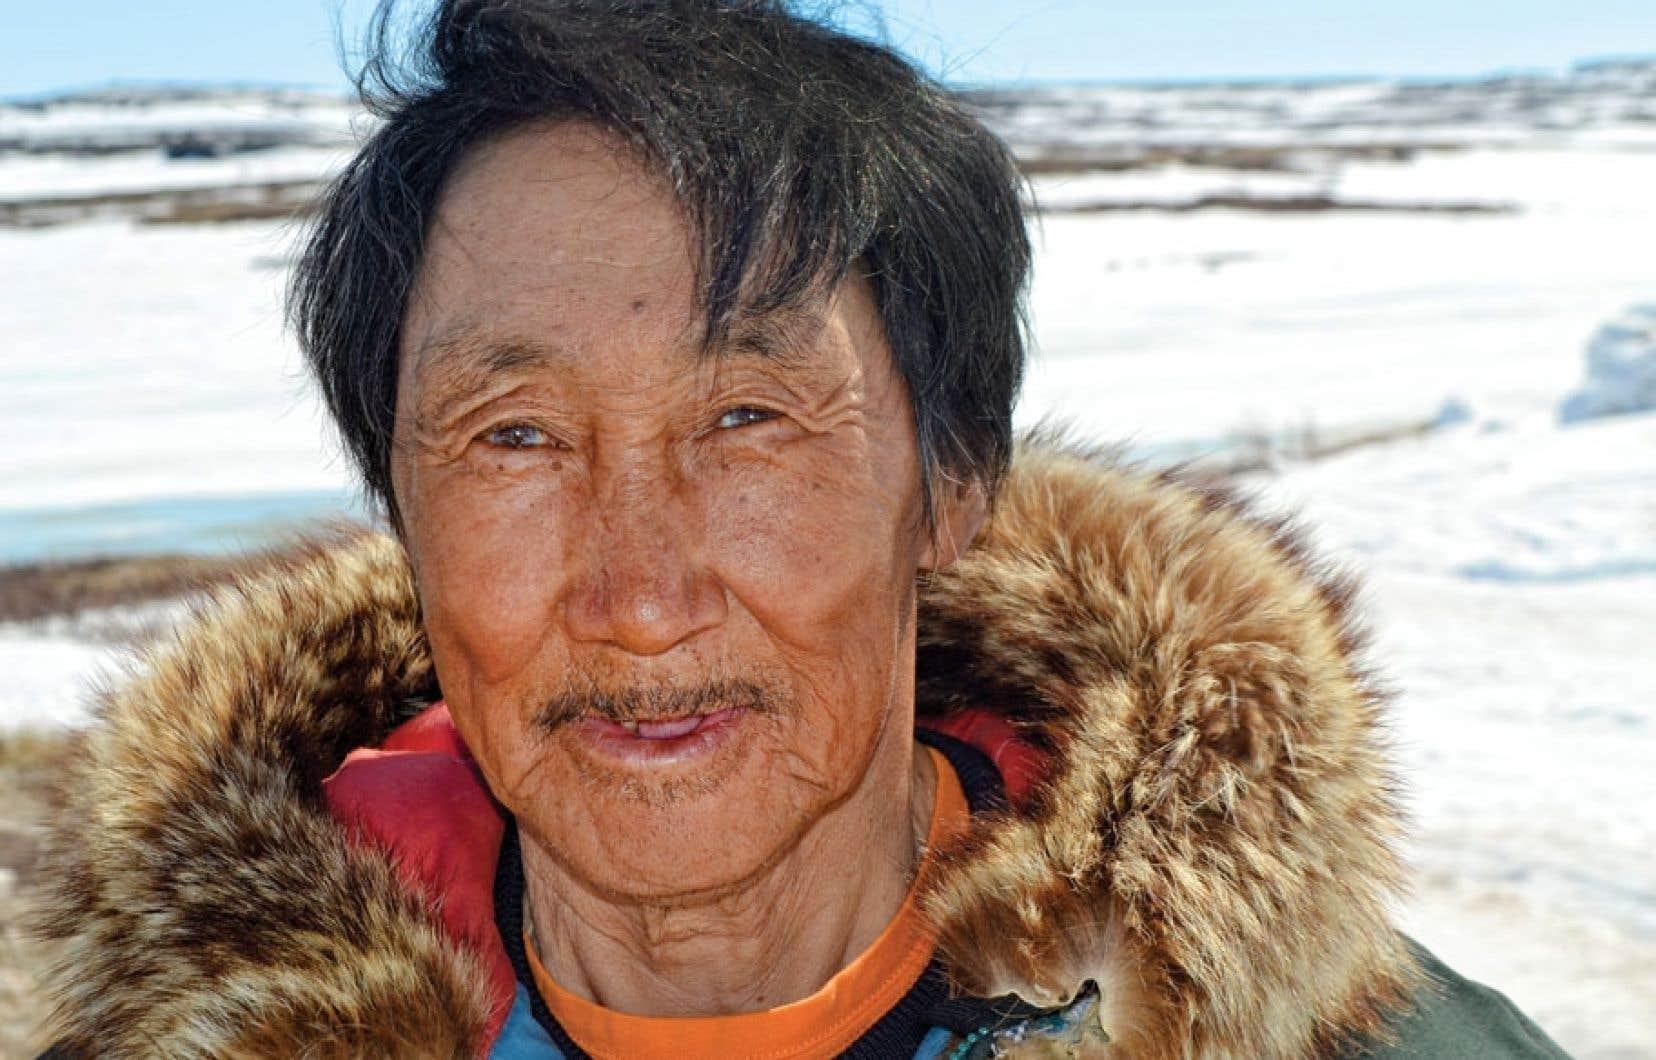 Markoosie Patsauq et sa famille ont été déportés de la côte de la baie d'Hudson à Resolute Bay dans le cercle polaire en 1953. Il est aussi le premier Inuit à avoir publié un livre en 1969, Le harpon du chasseur. Le Devoir l'a rencontré dimanche à Inukjuak où il habite maintenant.